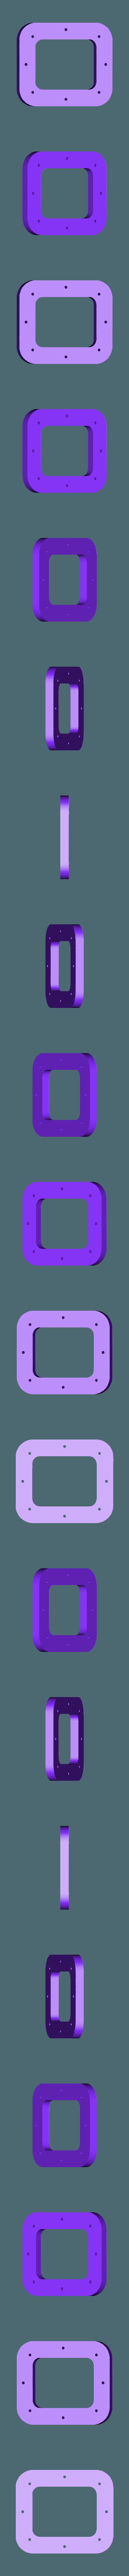 lid_bottom.stl Télécharger fichier STL gratuit Recyclage des bouteilles de lait Former le vide des bouteilles de lait • Modèle pour imprimante 3D, TinkersProjects